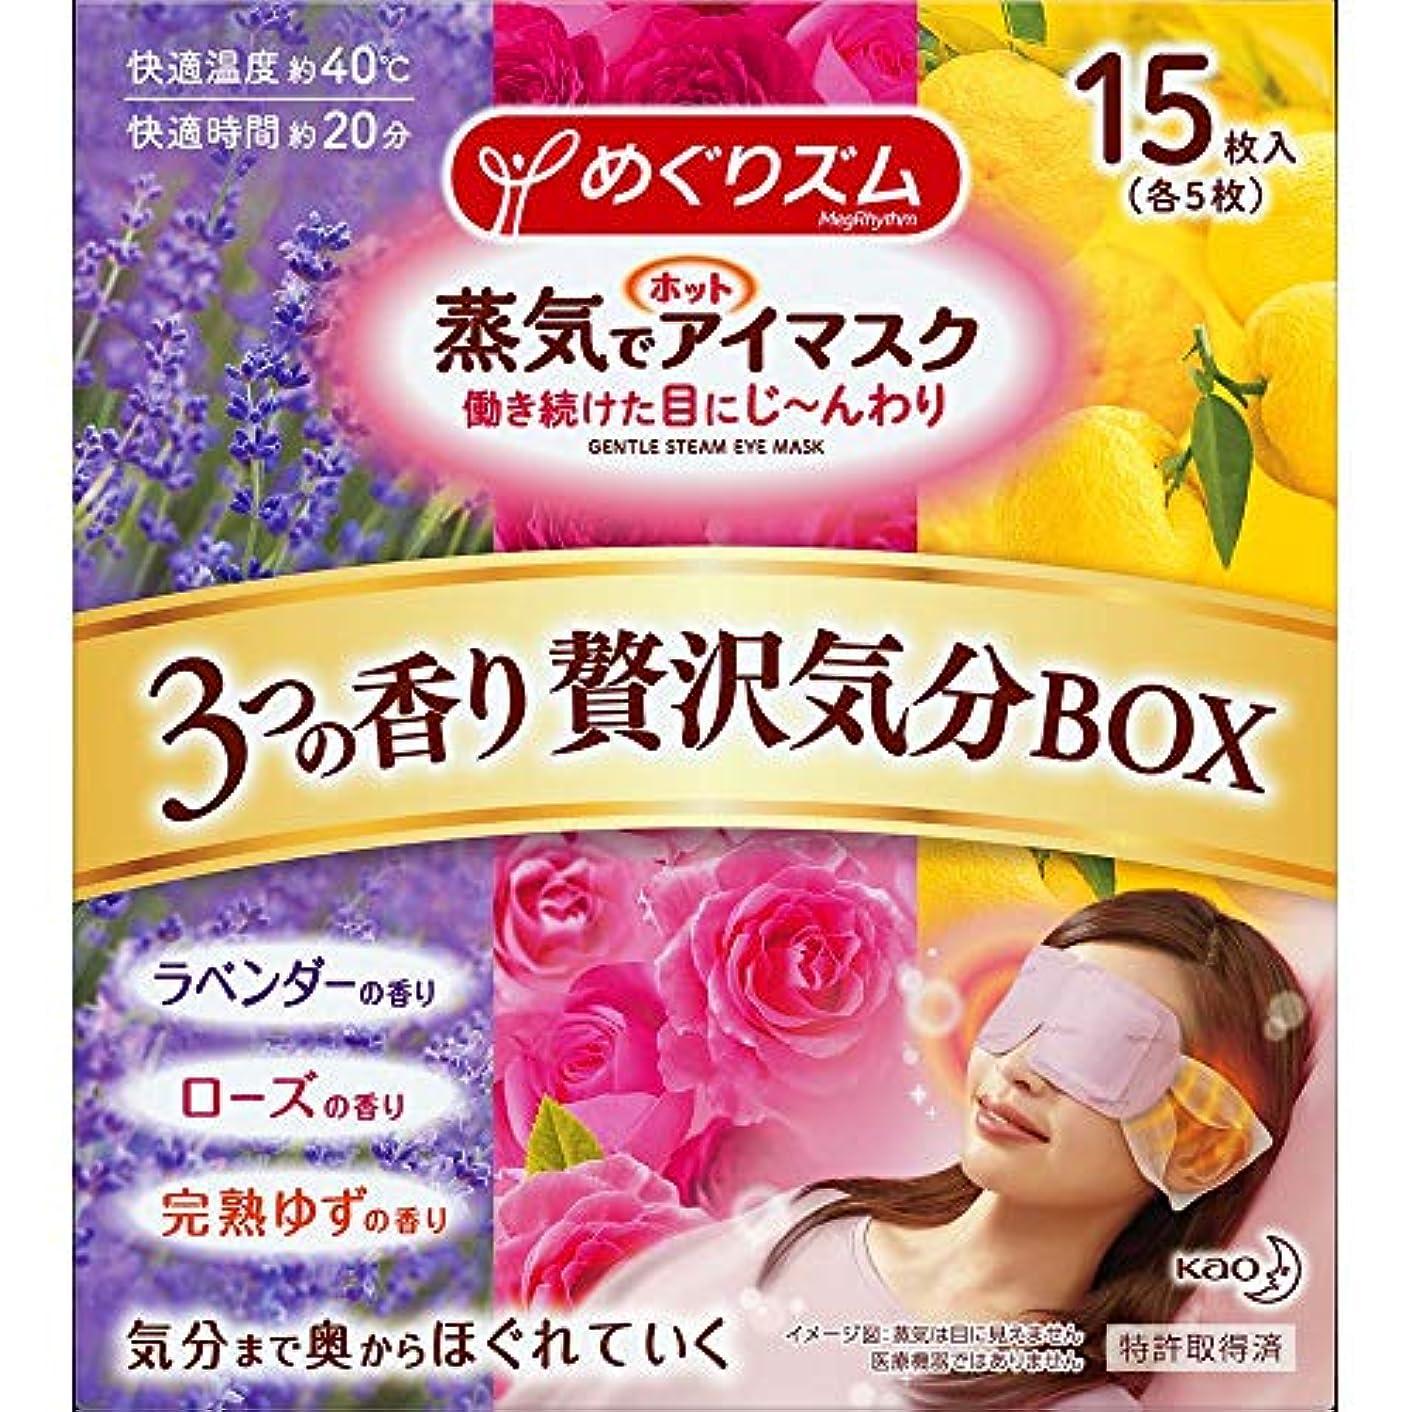 トリップダウンタウン鉱石【数量限定】めぐりズム 蒸気でホットアイマスク アソートBOX(ラベンダーの香り、完熟ゆずの香り、ローズの香り各5枚) 15枚入